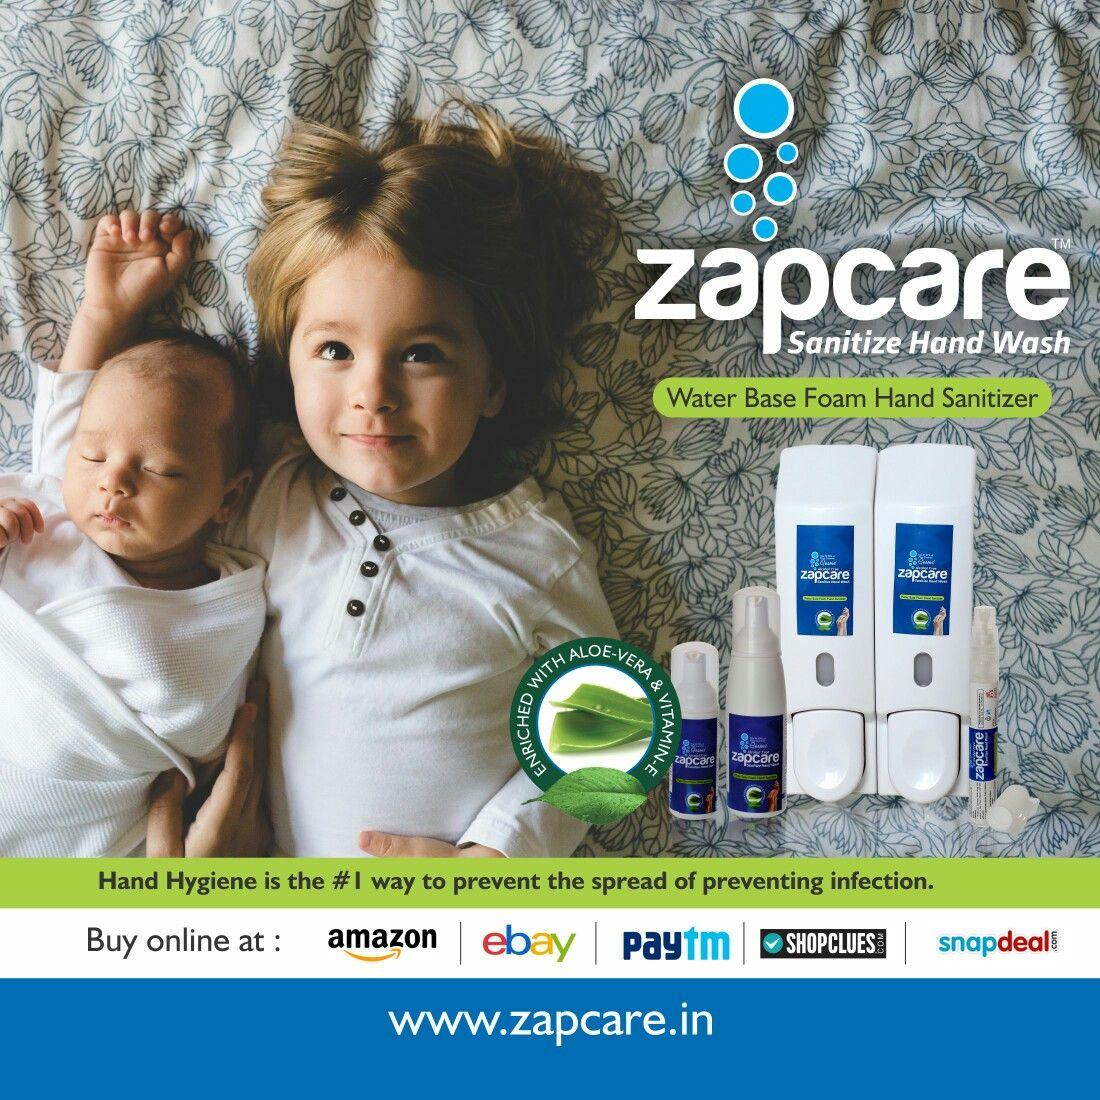 Alcohol Free Hand Sanitizer Zapcare Www Zapcare In Hand Hygiene